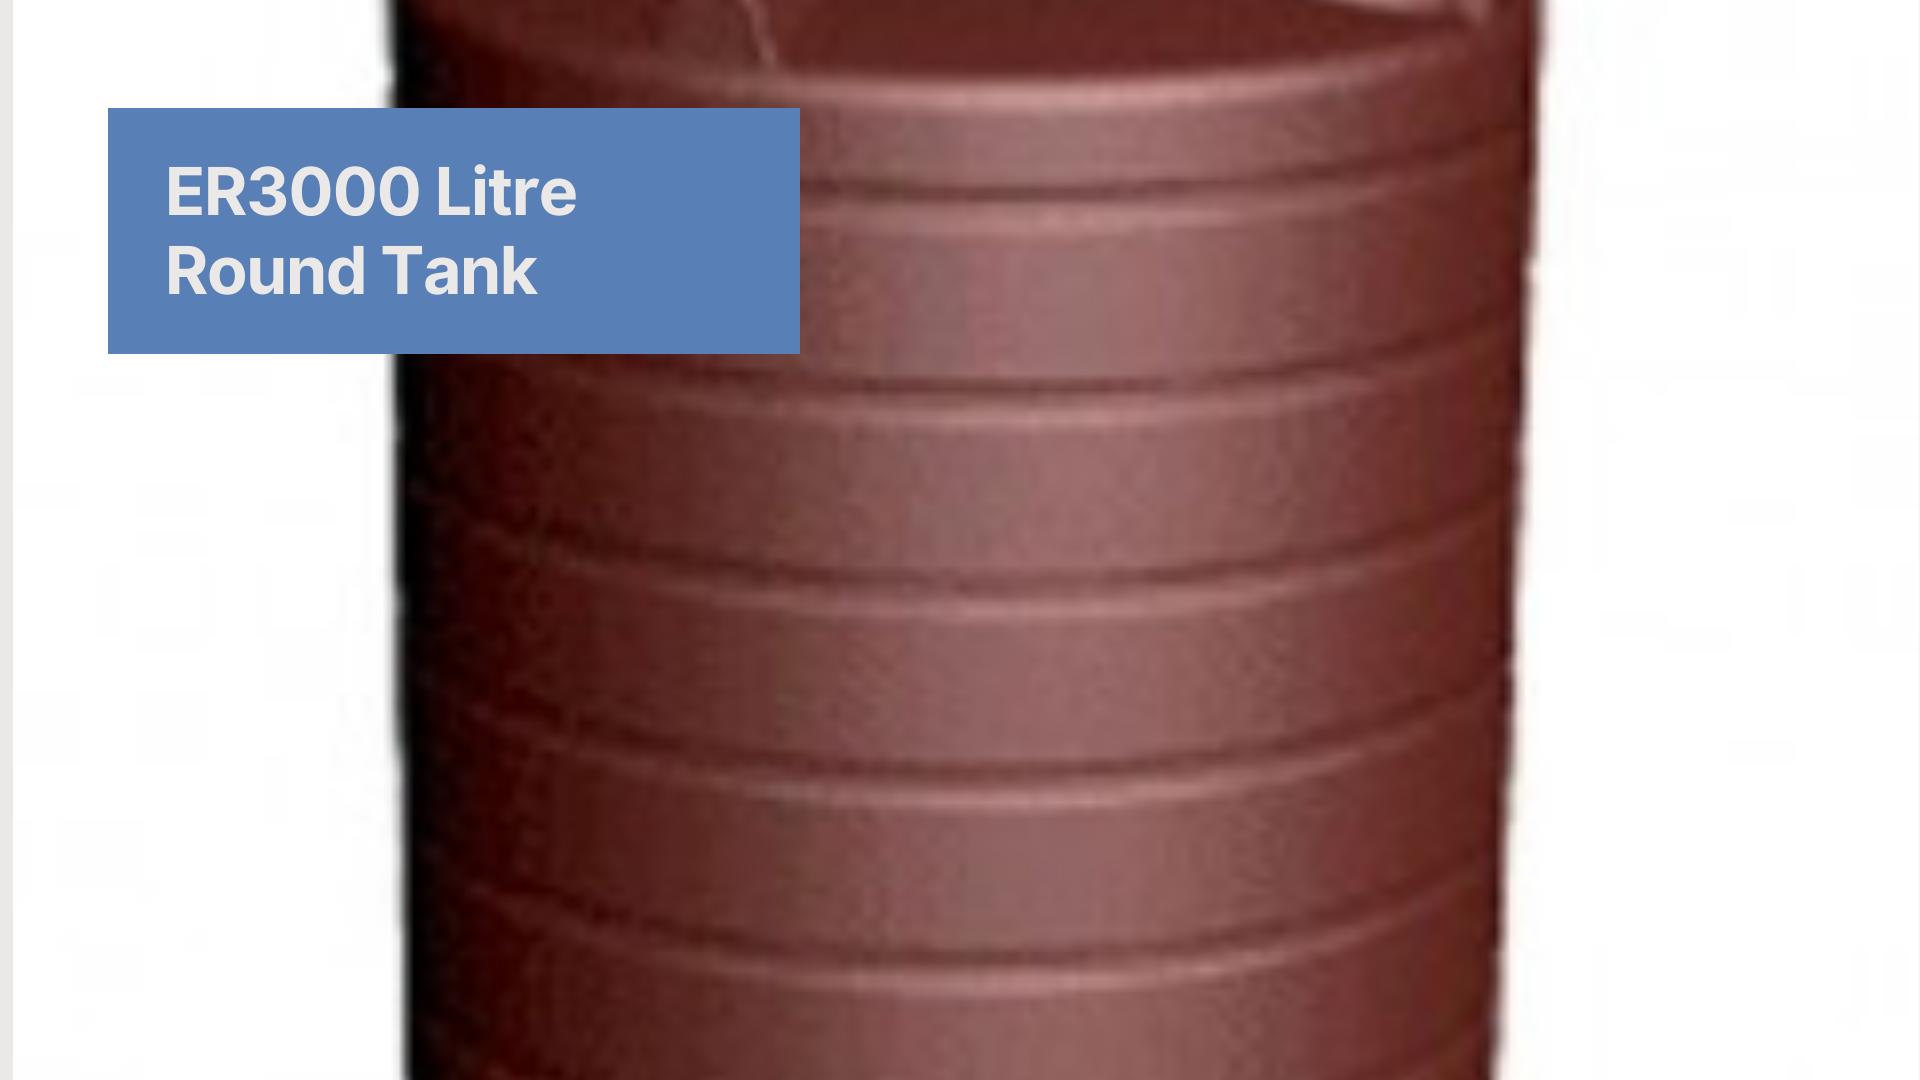 Er3000 Litre Round Tank In 2020 Tank Round Liter